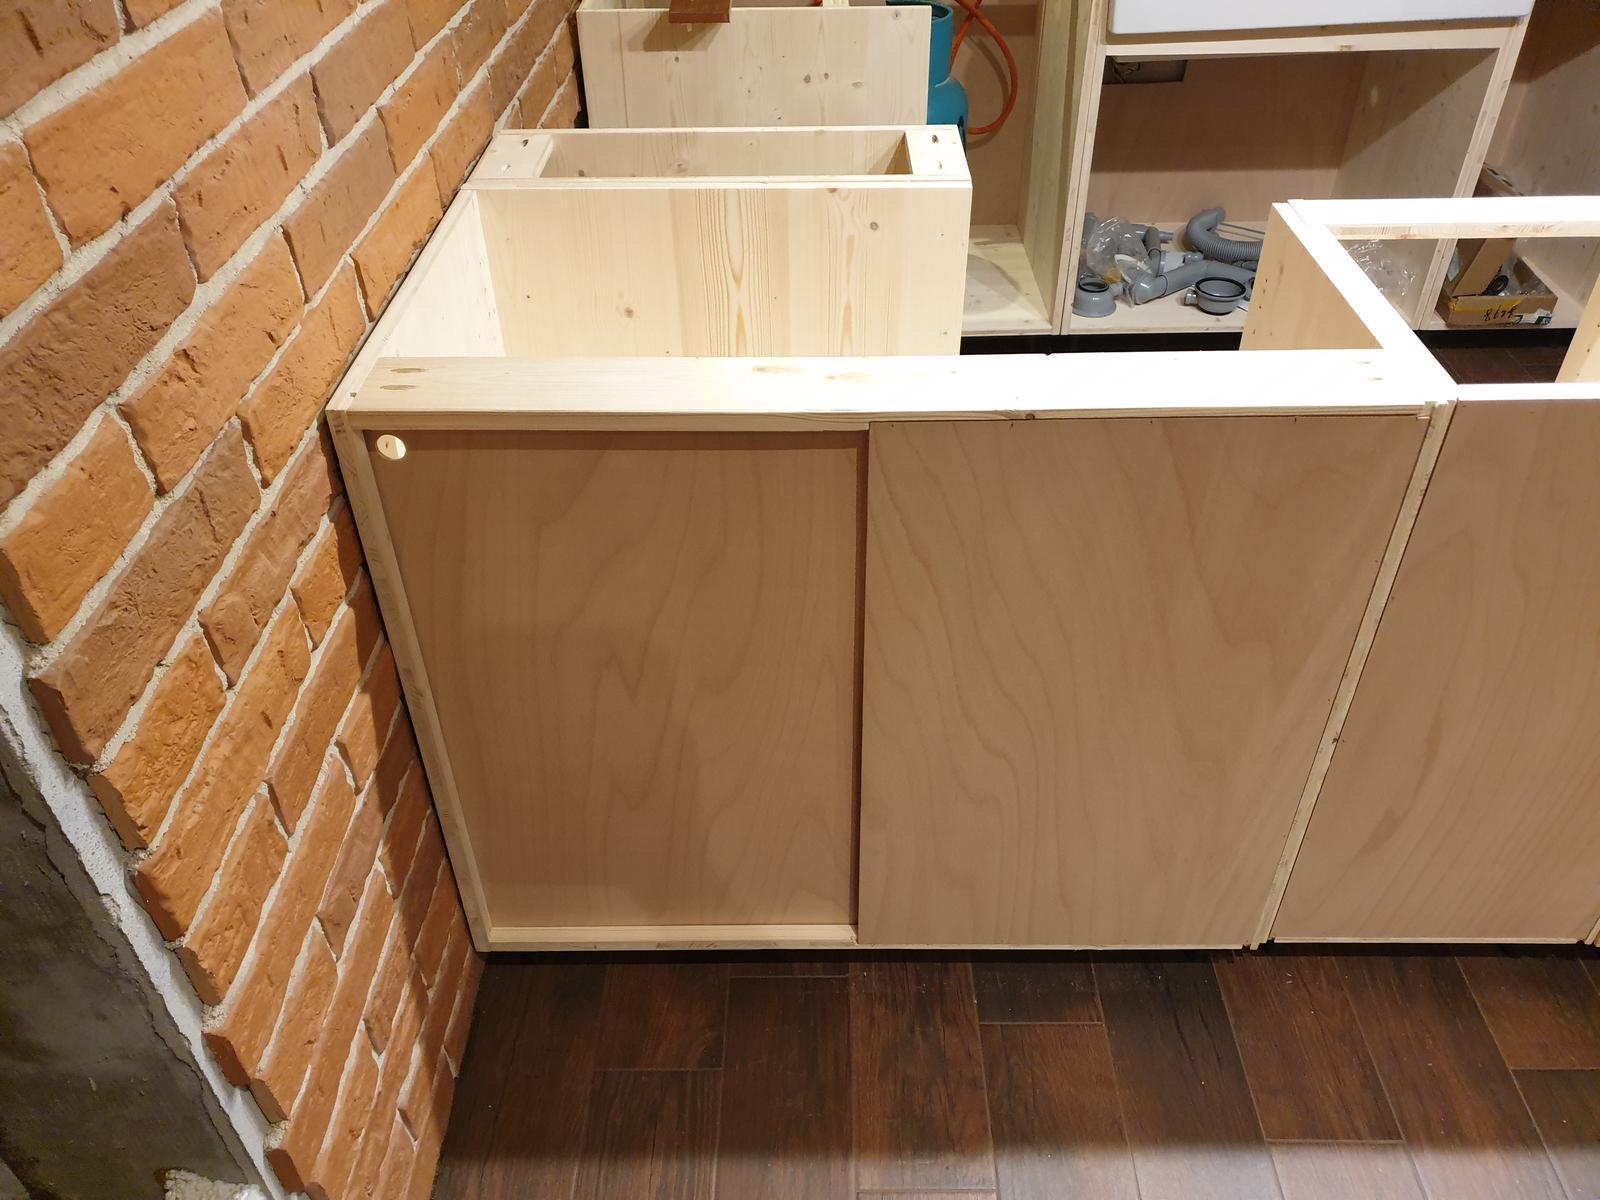 Kuchyňa svojpomocne - Do rohovej skrinky som zo zadu spravil posuvne dvierka. aby sa dalo dostat lepsie aj k vacsim veciam. neviem ci to nebolo zbytocne, lebo dvierka sa zdaju celkom priestranne. mozno ich nakoniec prekryjem doskou, co bude zo zadu ostrovceka.